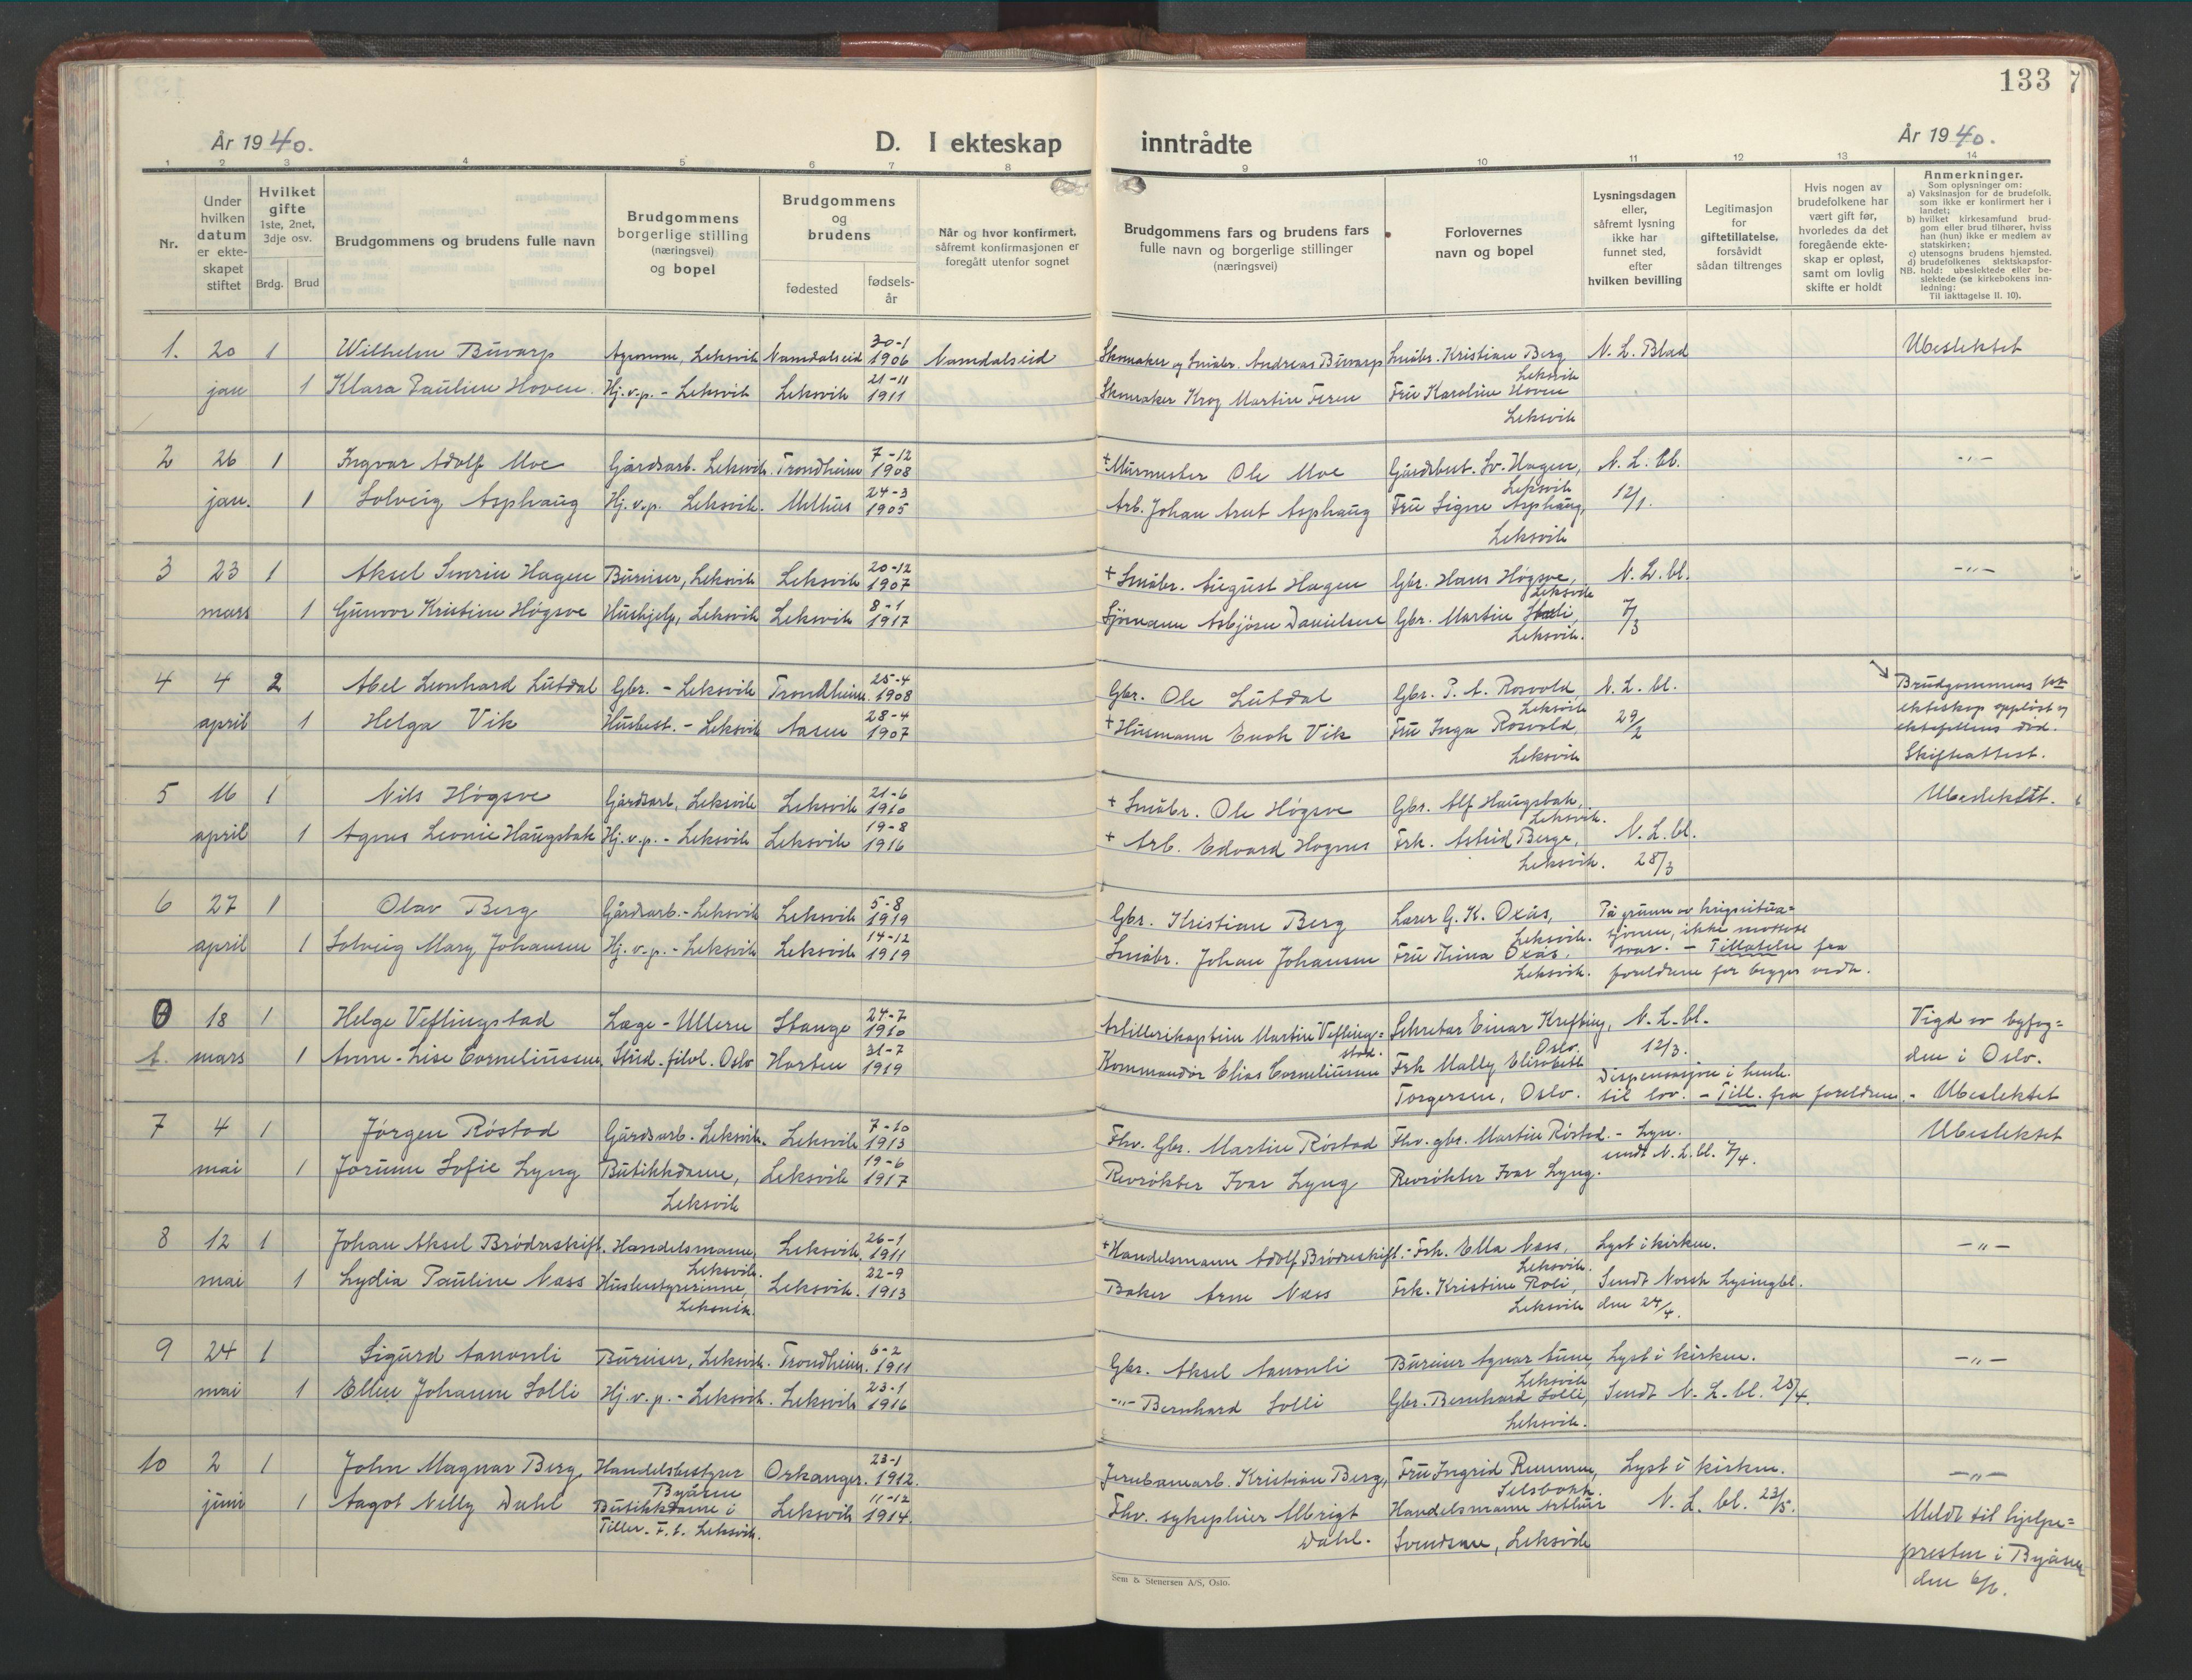 SAT, Ministerialprotokoller, klokkerbøker og fødselsregistre - Nord-Trøndelag, 701/L0019: Klokkerbok nr. 701C03, 1930-1953, s. 133